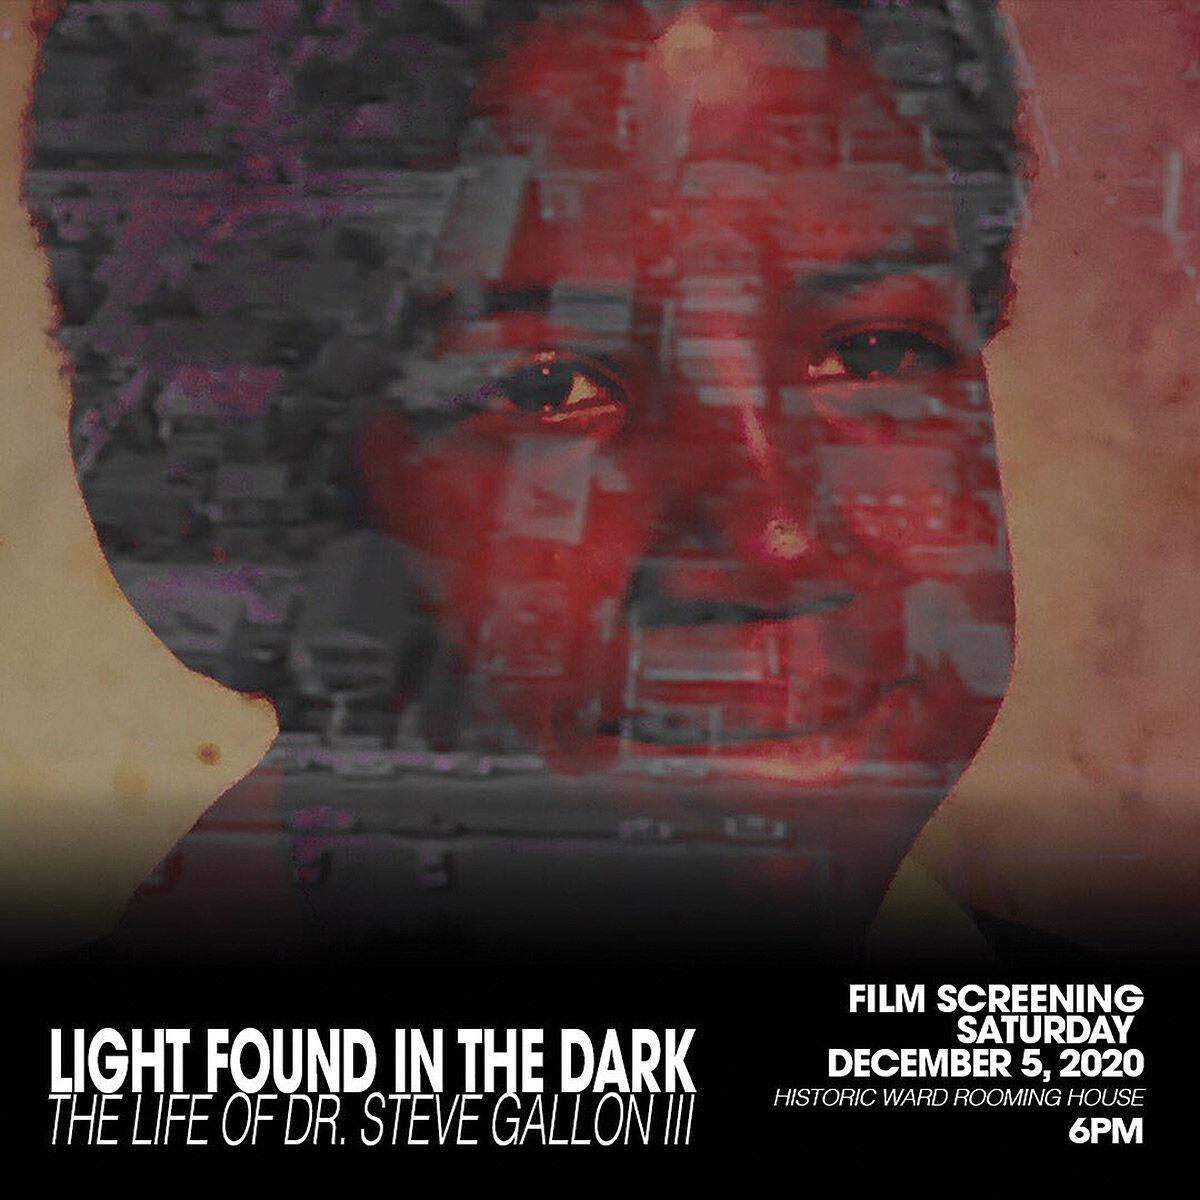 Light Found in the Dark